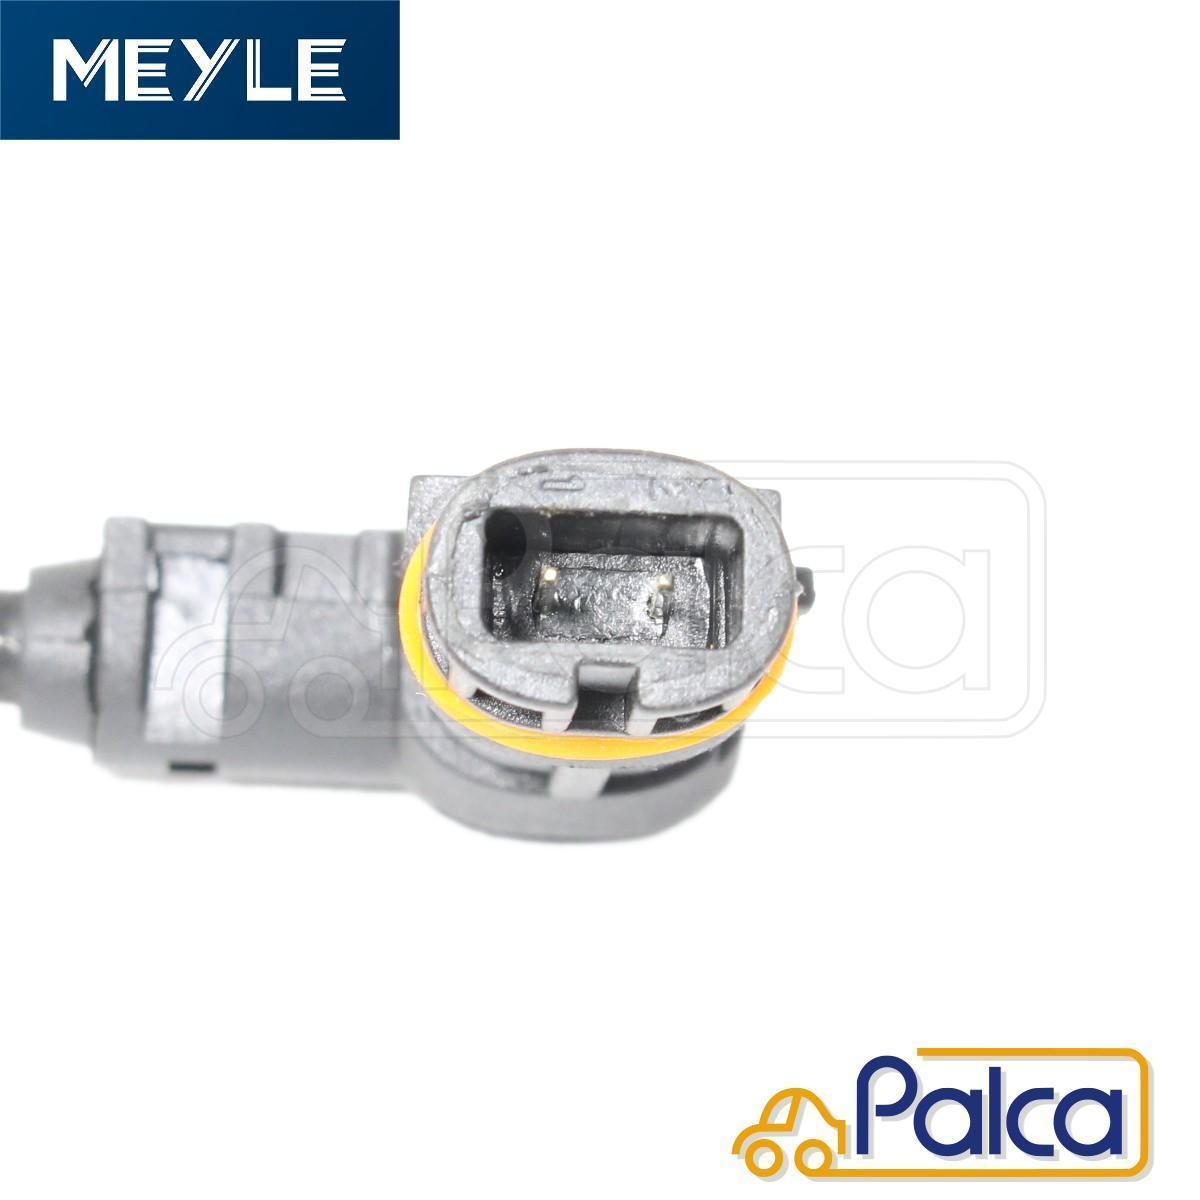 メルセデス ベンツ フロント ABSセンサー/スピードセンサー 左右共通| GLKクラス|X204/GLK300 GLK350 | MEYLE製 | 2045400517_画像2